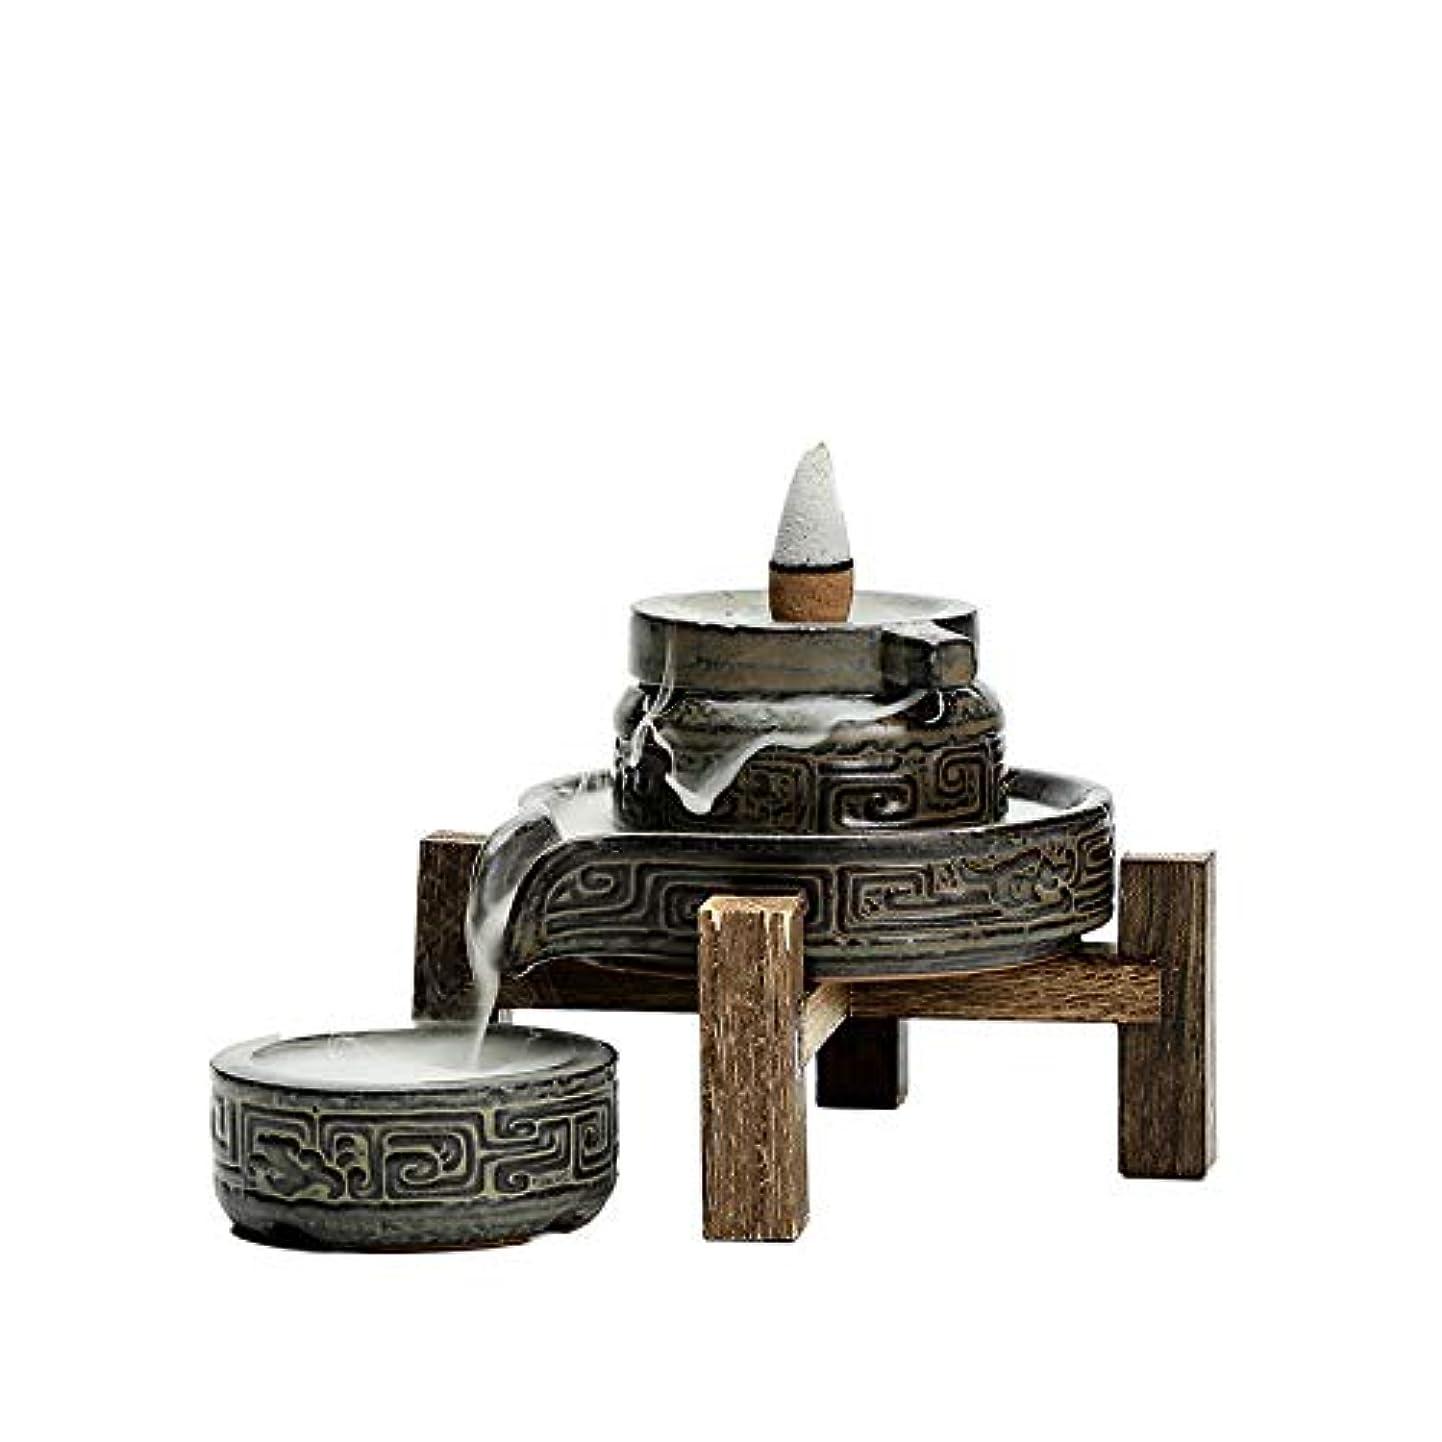 フェードアウト寝るたくさんのPHILOGOD 香炉 陶器ストーンミルモデリング逆流香炉 香立て 手作りの装飾 香皿